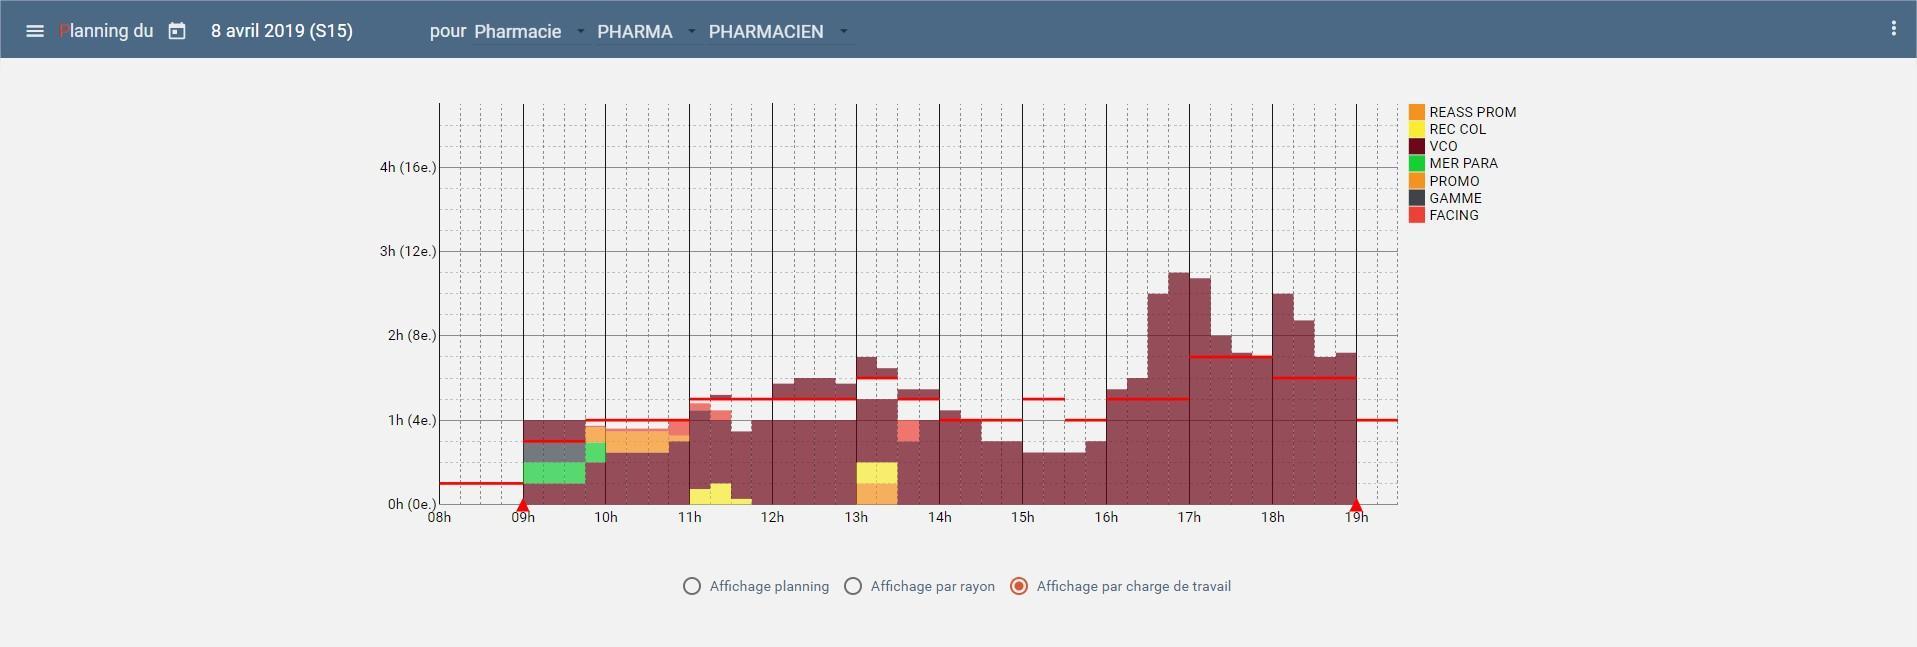 TimeSkipper Pharma charge de w - Google Chrome.jpg